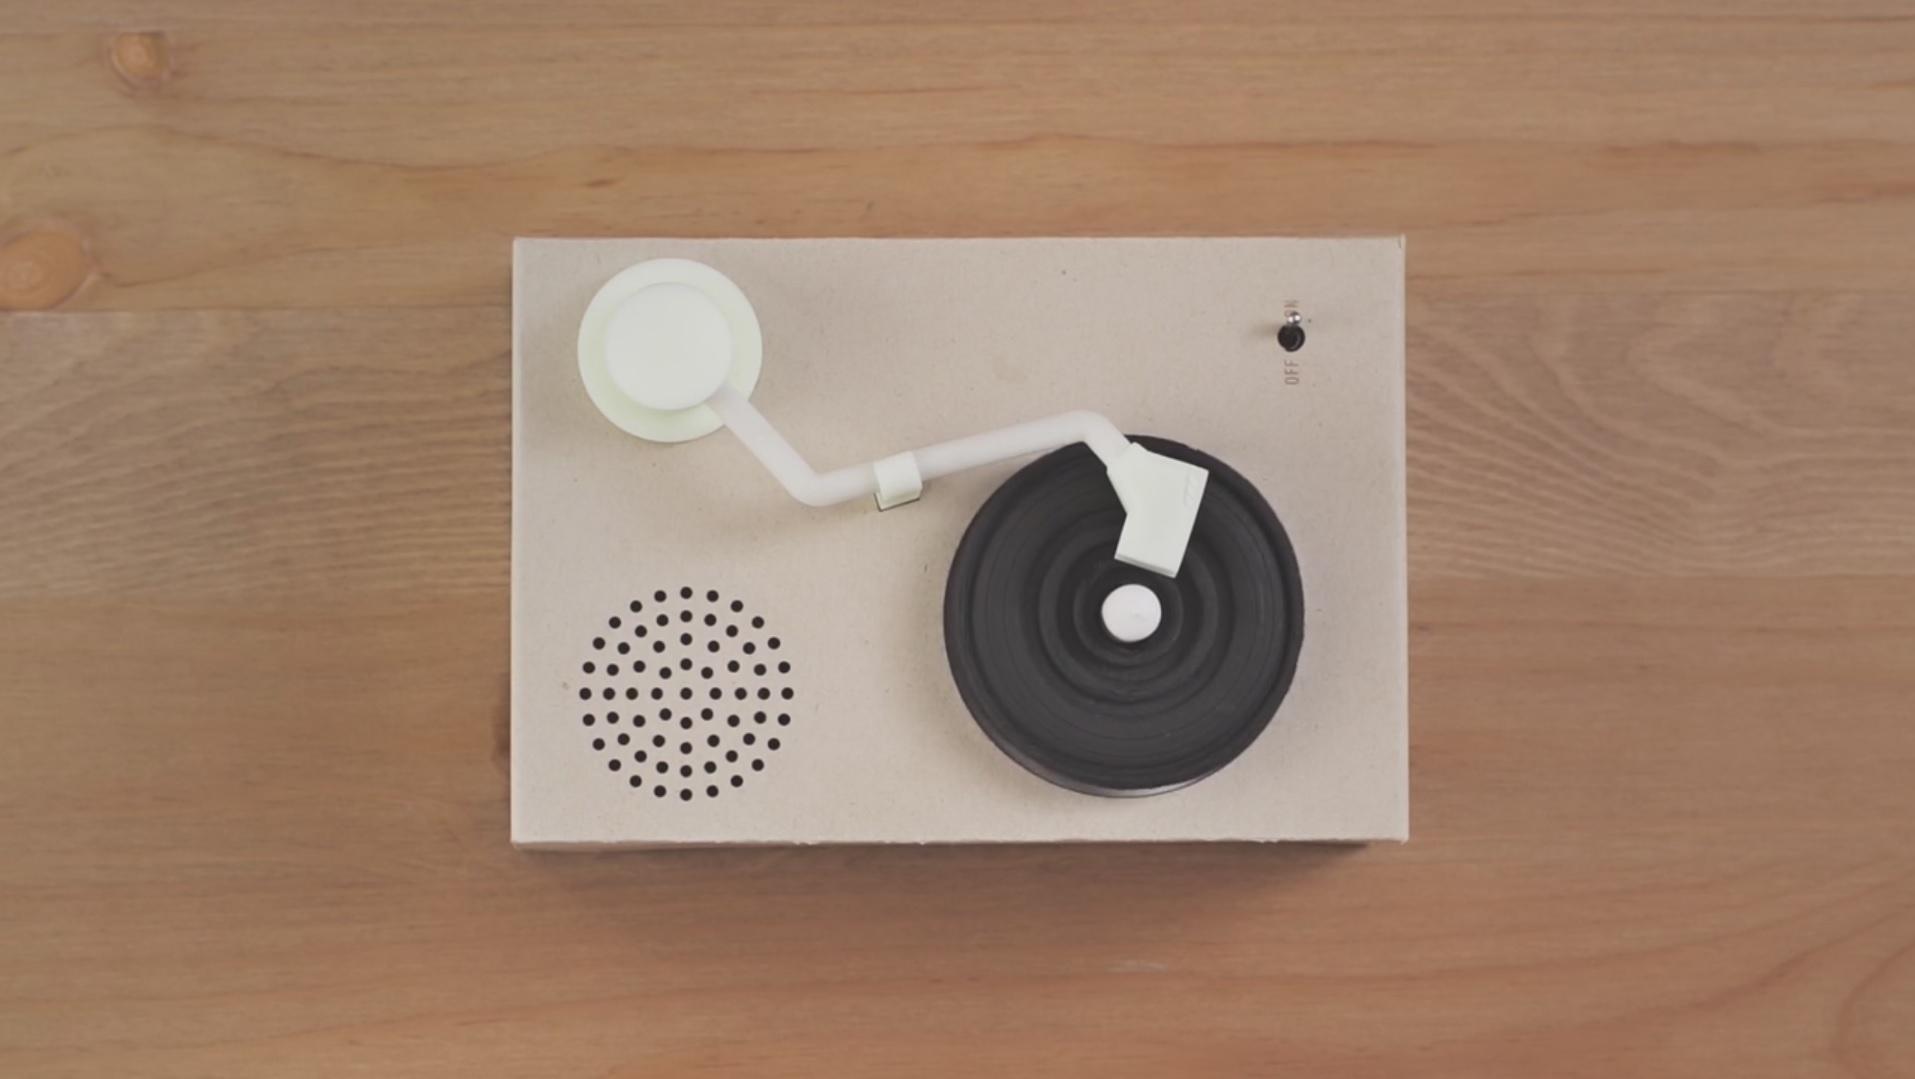 Oreo Kekse und Mini-Plattenspieler